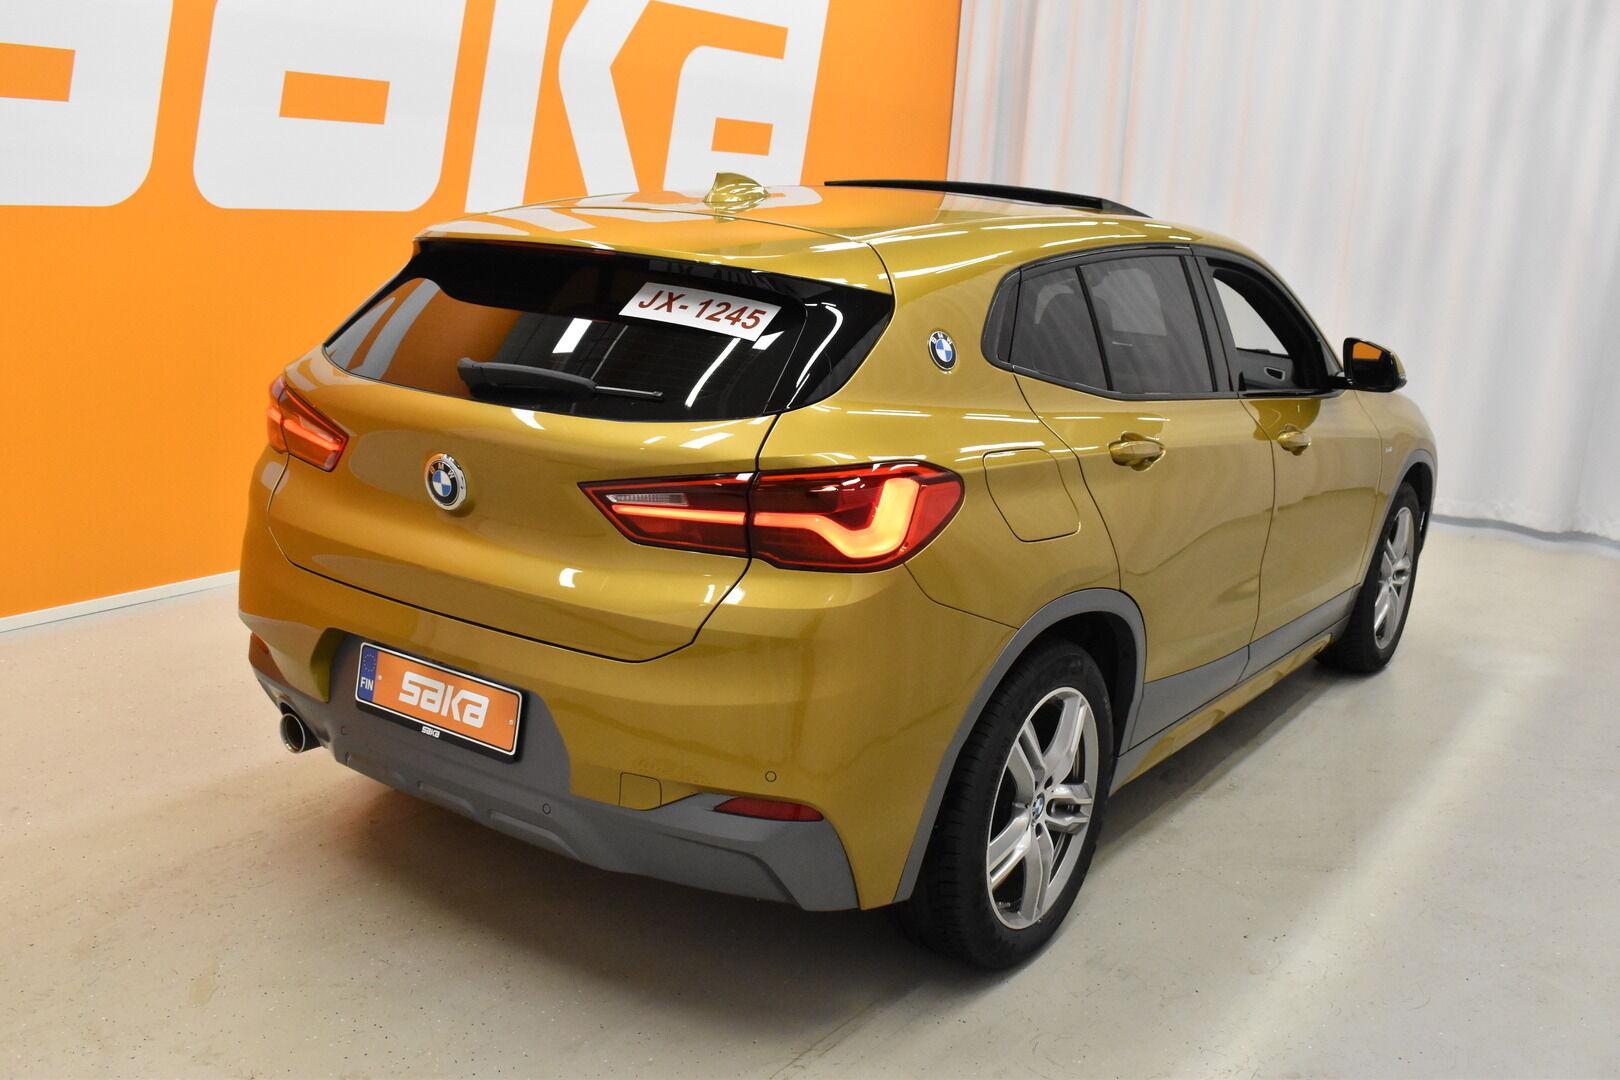 Keltainen Maastoauto, BMW X2 – LAH-64417, kuva 2